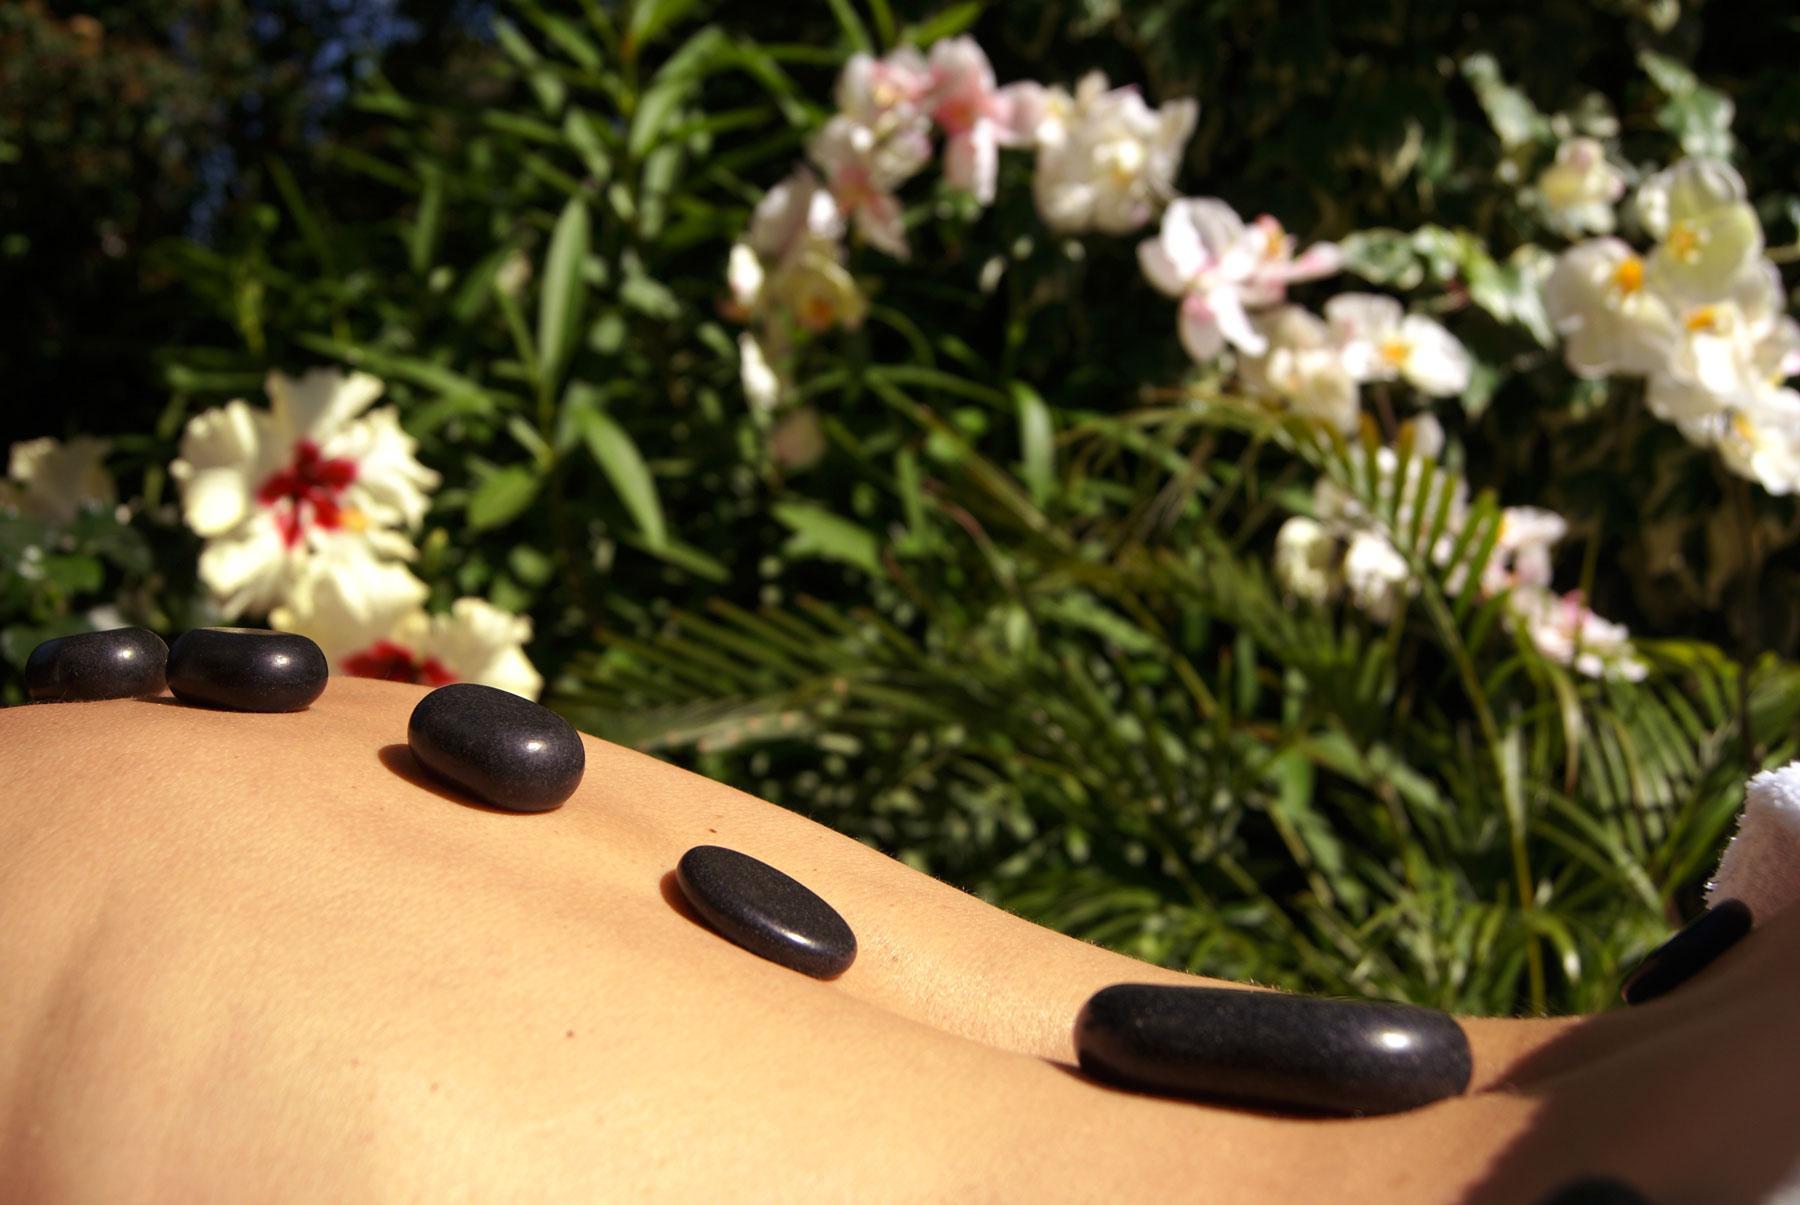 Massage-Fuji-Pierres-Chaudes-Sens-et-Etre-Pezenas